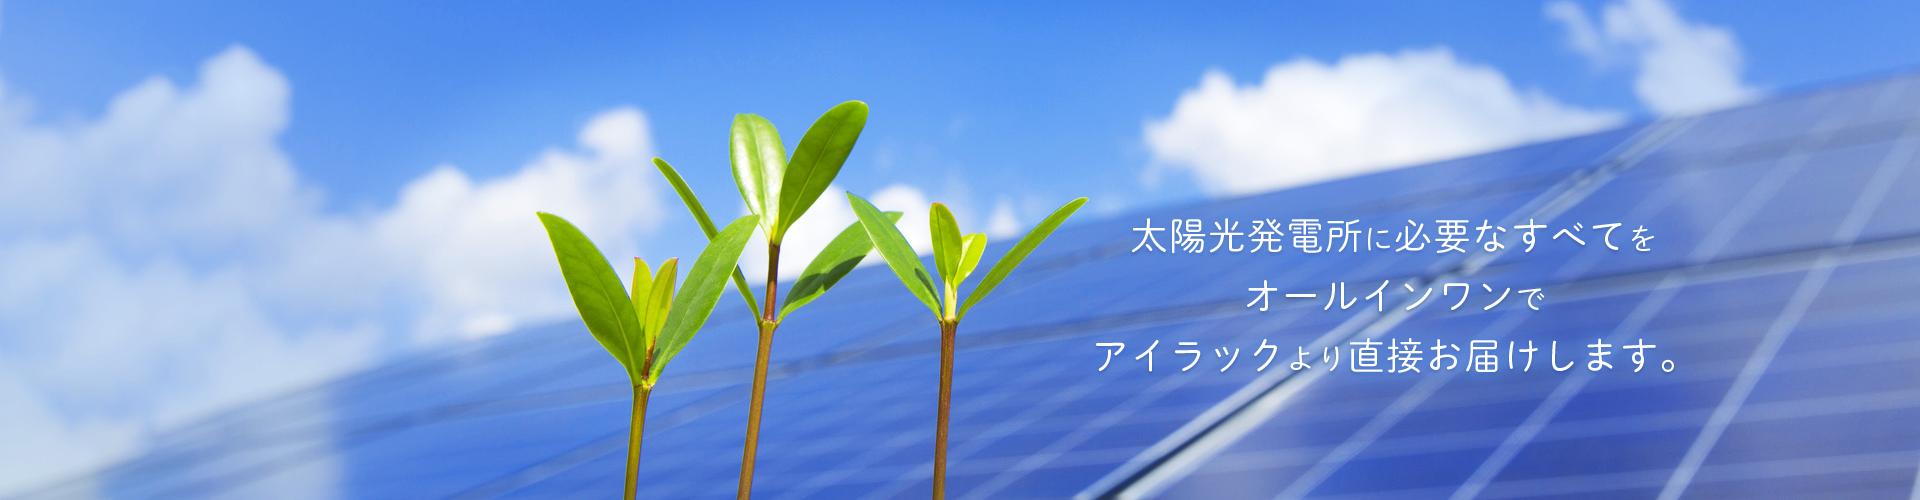 太陽光発電所に必要なすべてをオールインワンでアイラックより直接お届けします